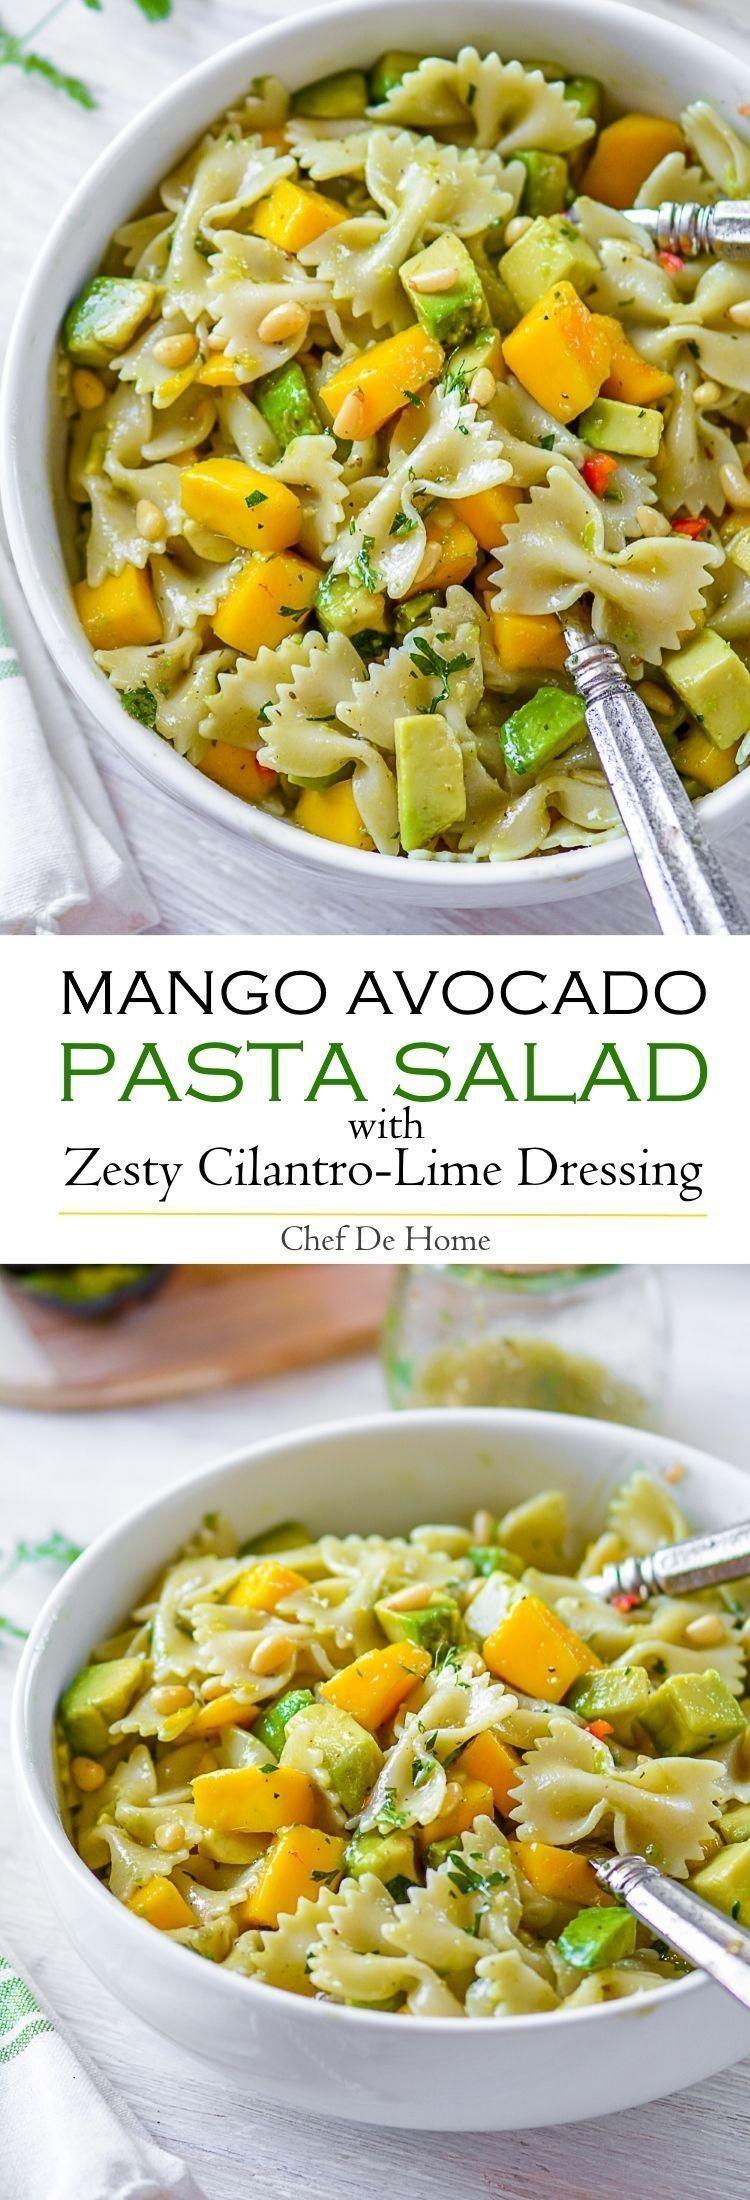 Photo of Mango Avocado Pasta Salad with Cilantro Lime Dressing Recipe   ChefDeHome.com